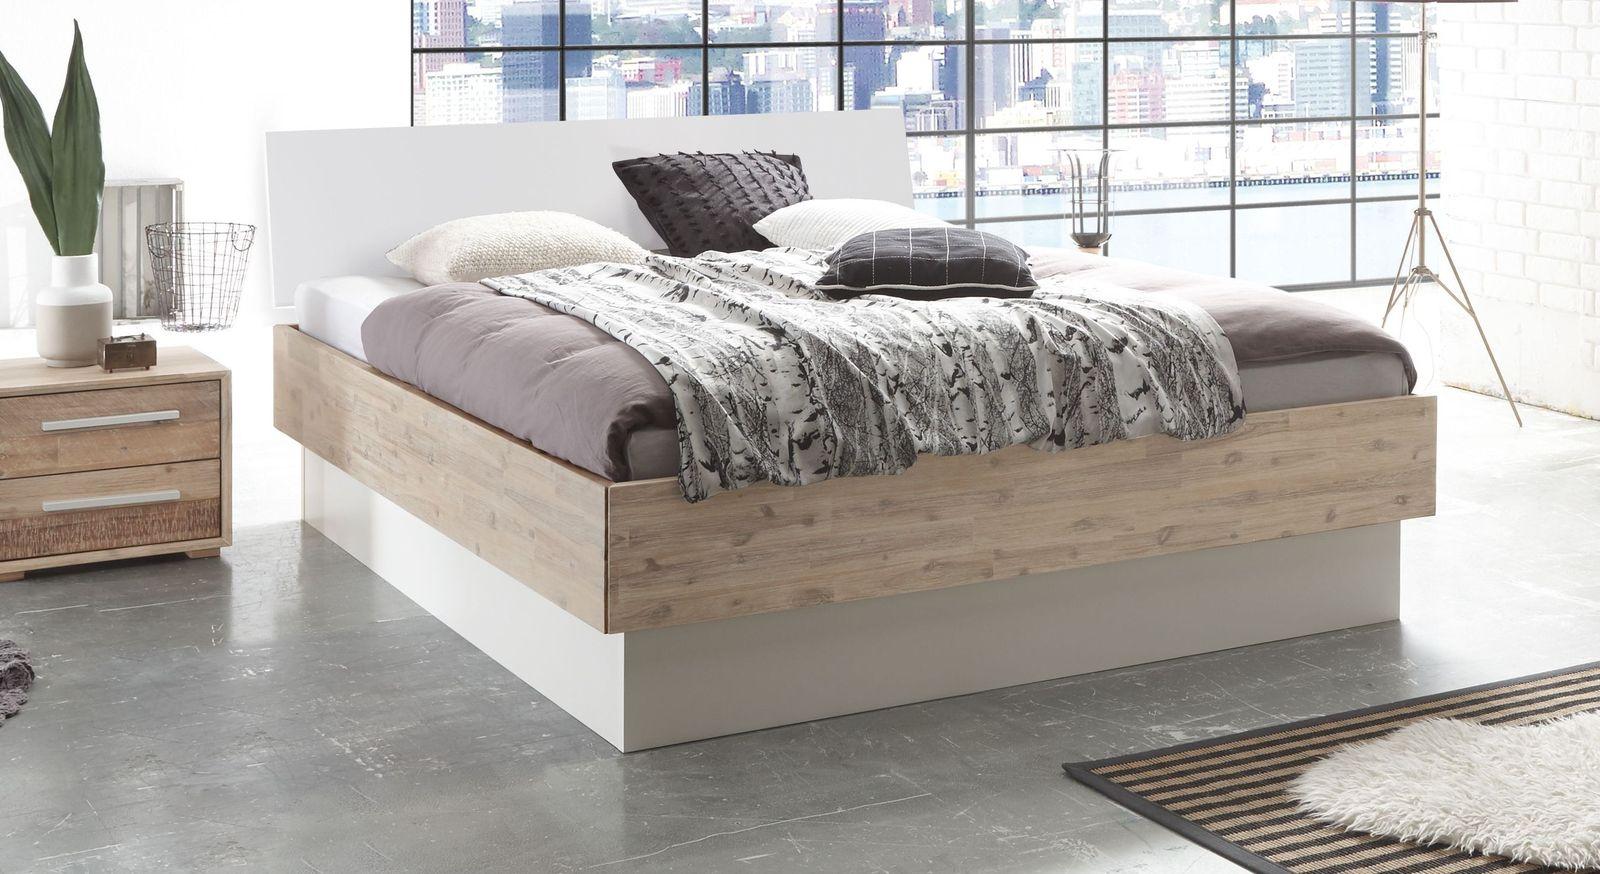 Bettkasten-Bett aus Akazienholz mit weißem Kopfteil - Rusko